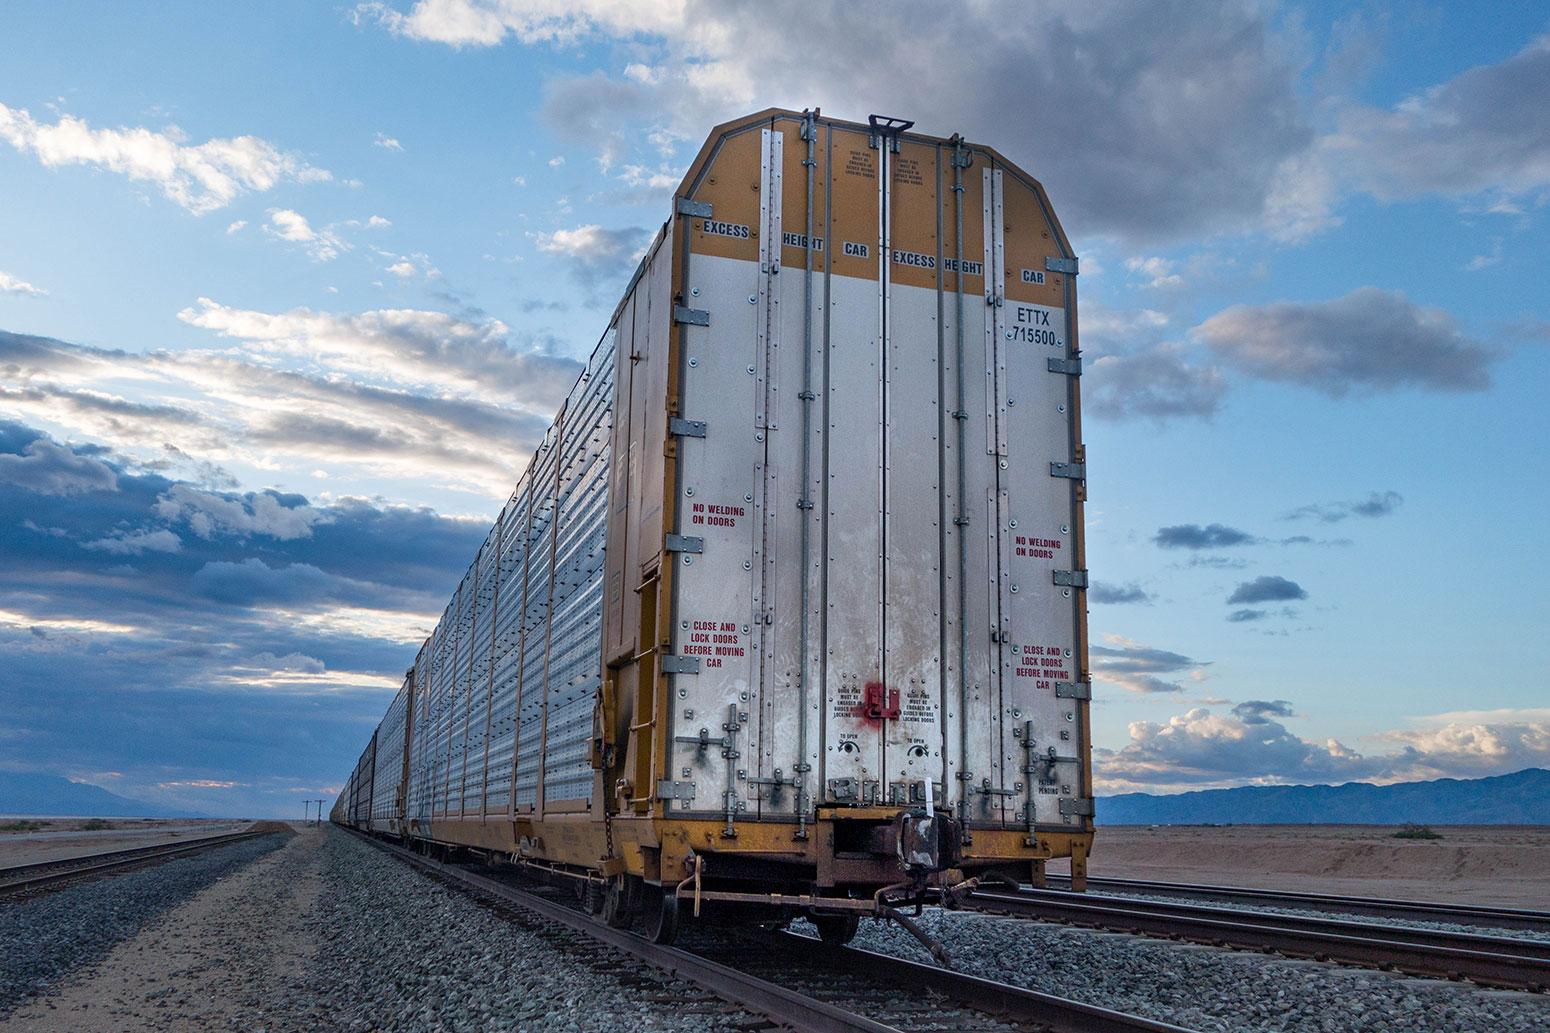 Salton Sea Railroad